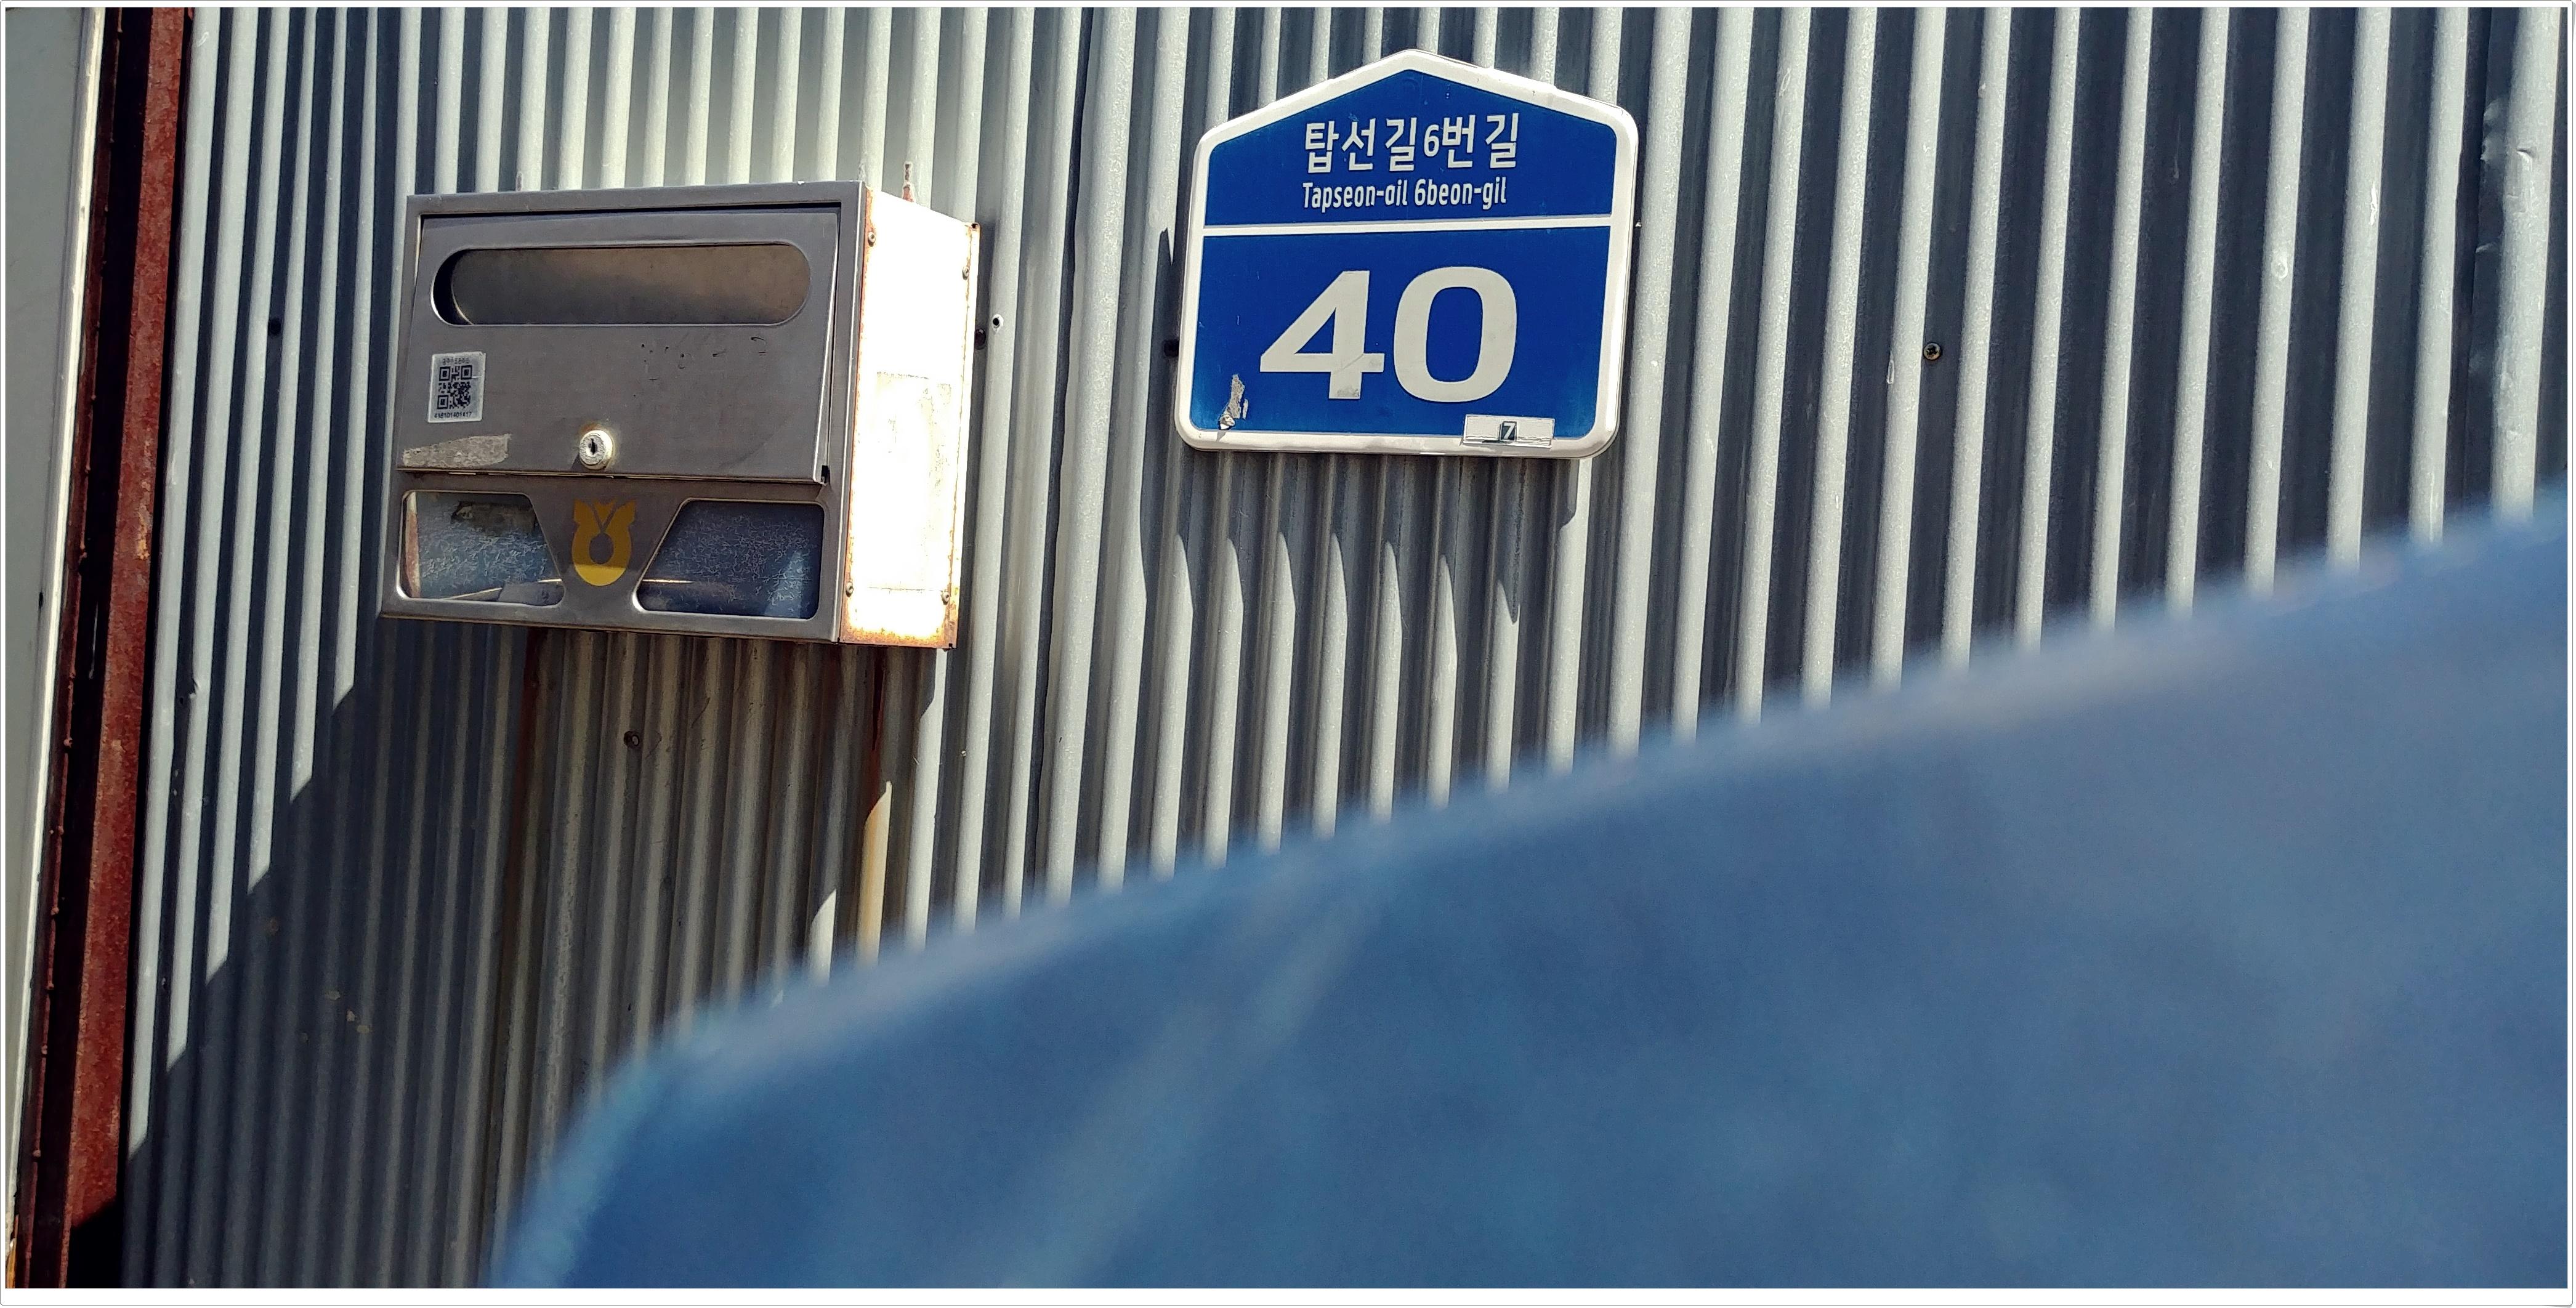 4 번째 사진 단독주택 에  연면적 ㎡ 광주시 주택 석면조사 현장